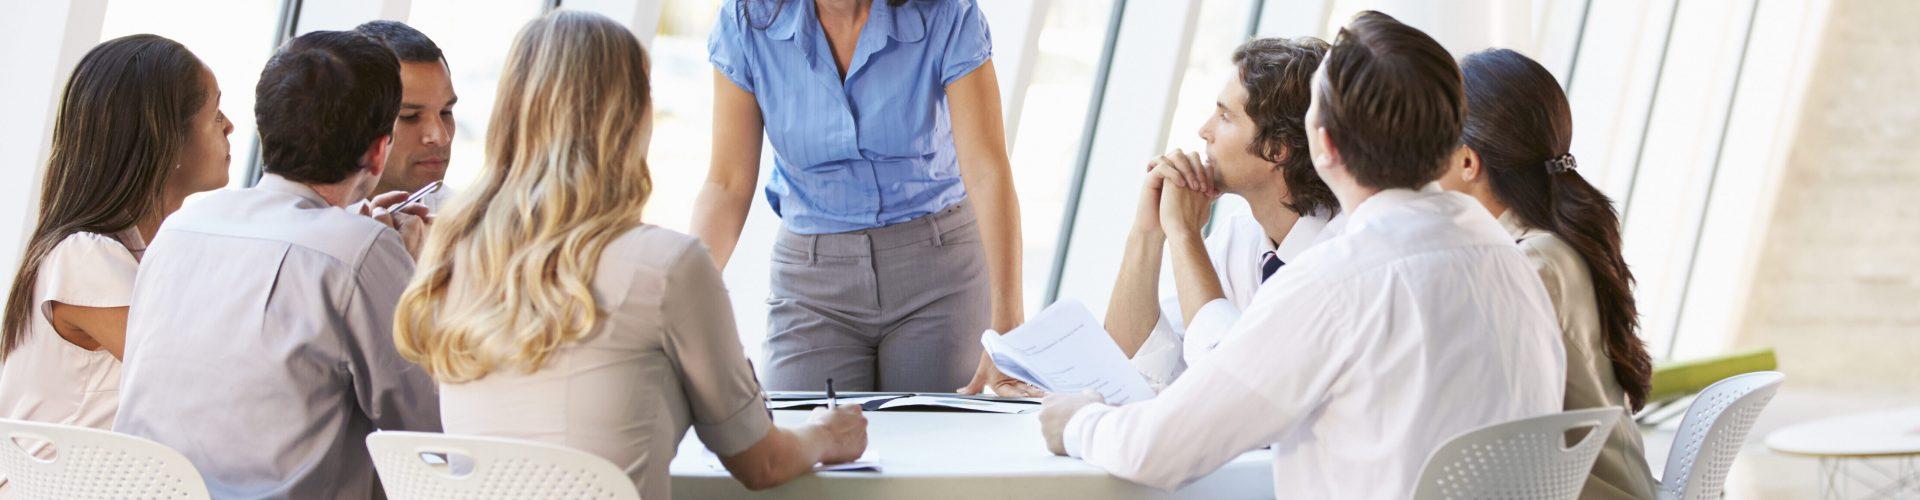 Salgsledertræning - Frigiv dit fulde potentiale som salgsleder og skab endnu flere resultater gennem intensiv én-til-én træning